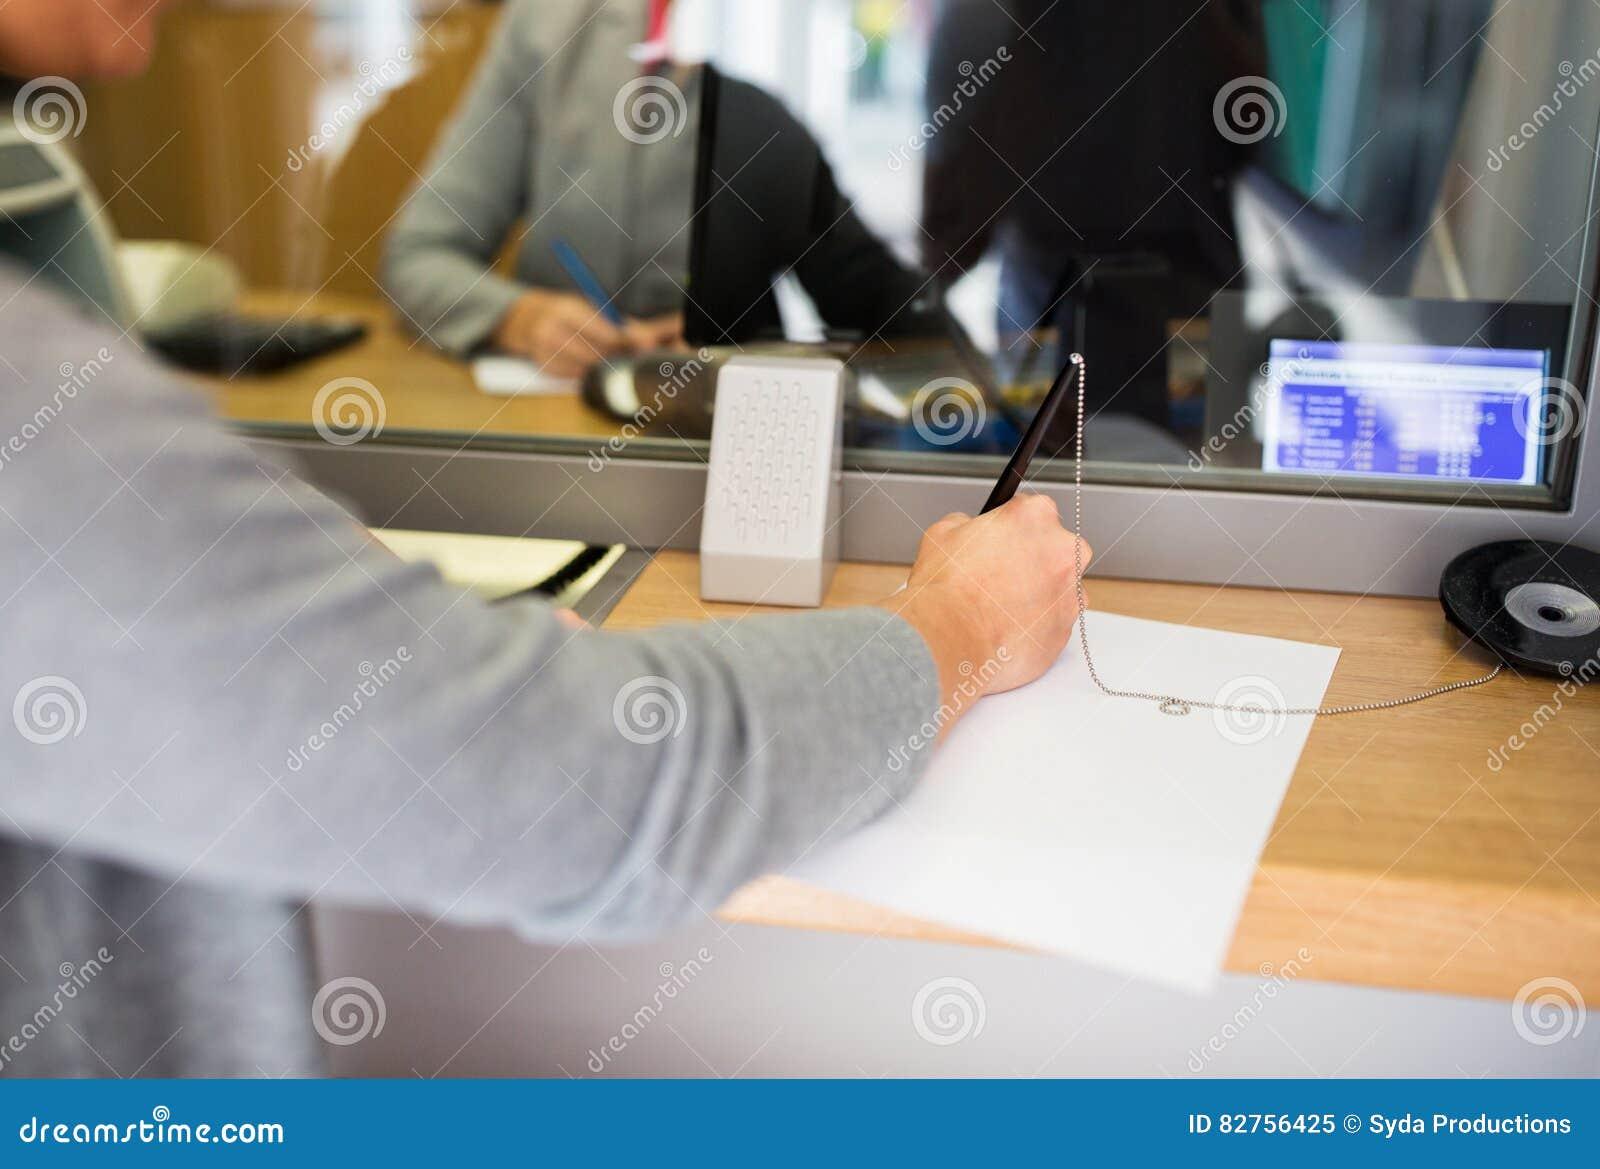 Εφαρμογή γραψίματος πελατών στο γραφείο τραπεζών